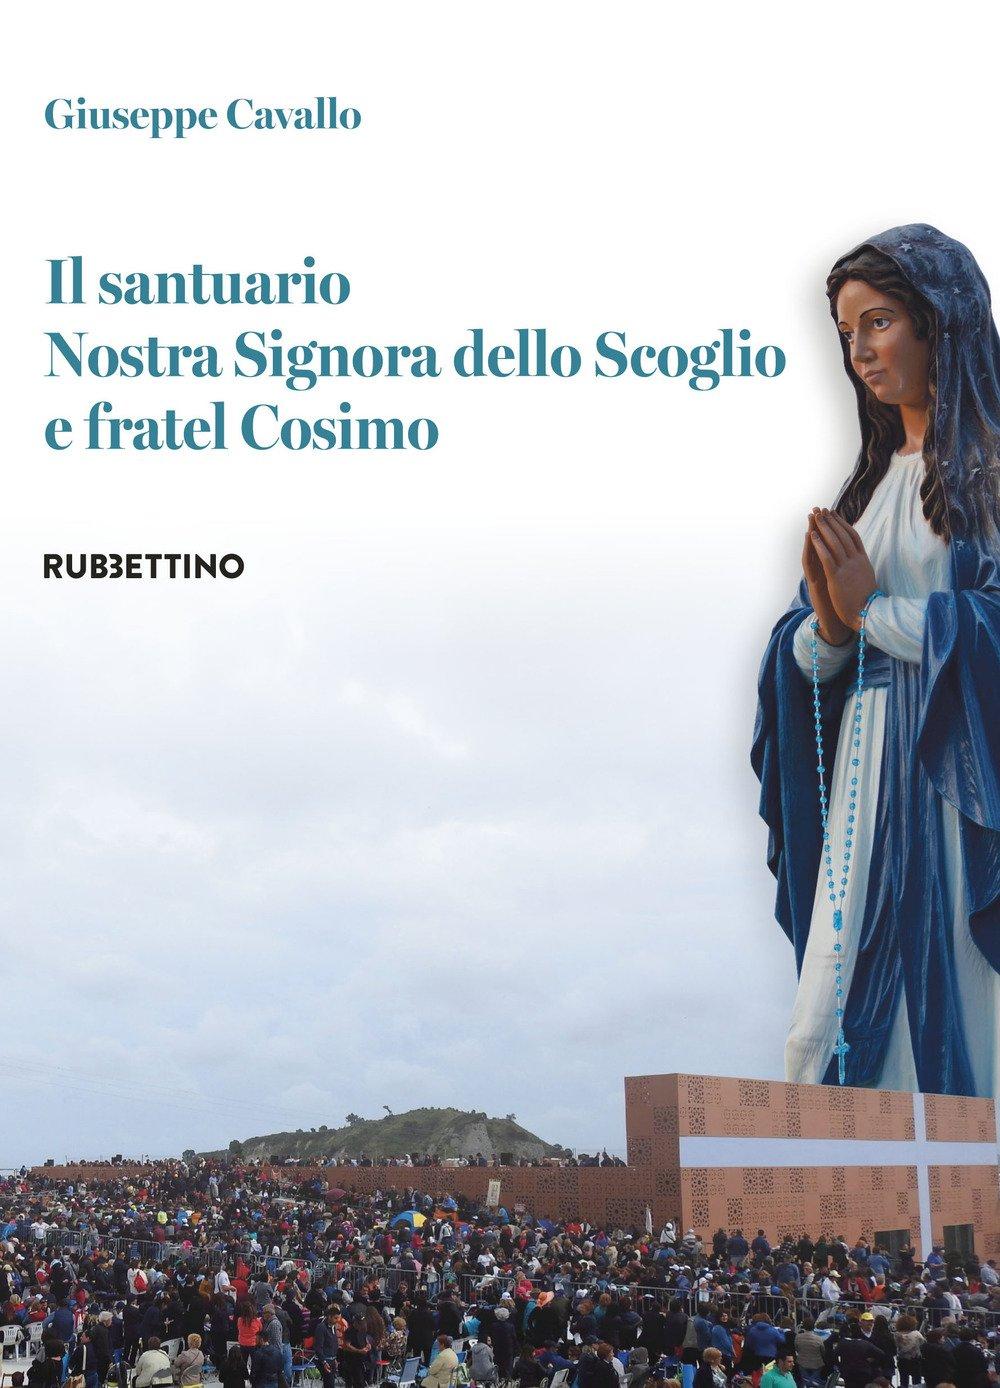 Il-santuario-Nostra-Signora-dello-Scoglio-e-fratel-Cosimo-Rubbettino-Editore